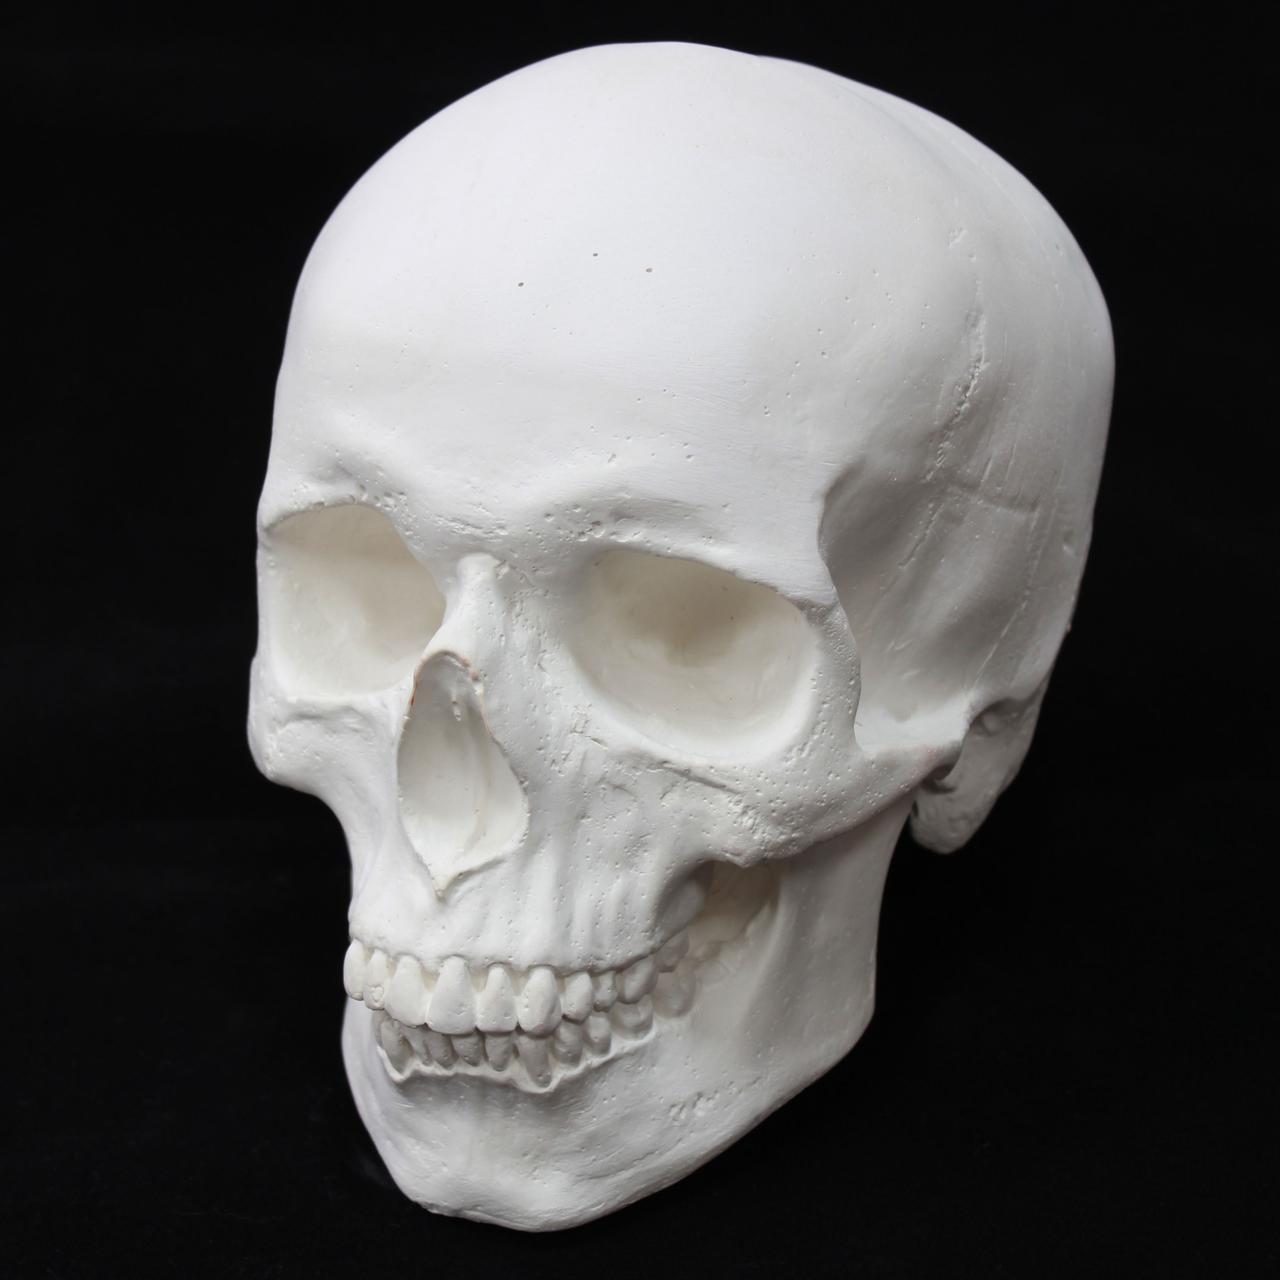 Череп гипсовый, декоративный, белого цвета, в натуральную величину, фото 1